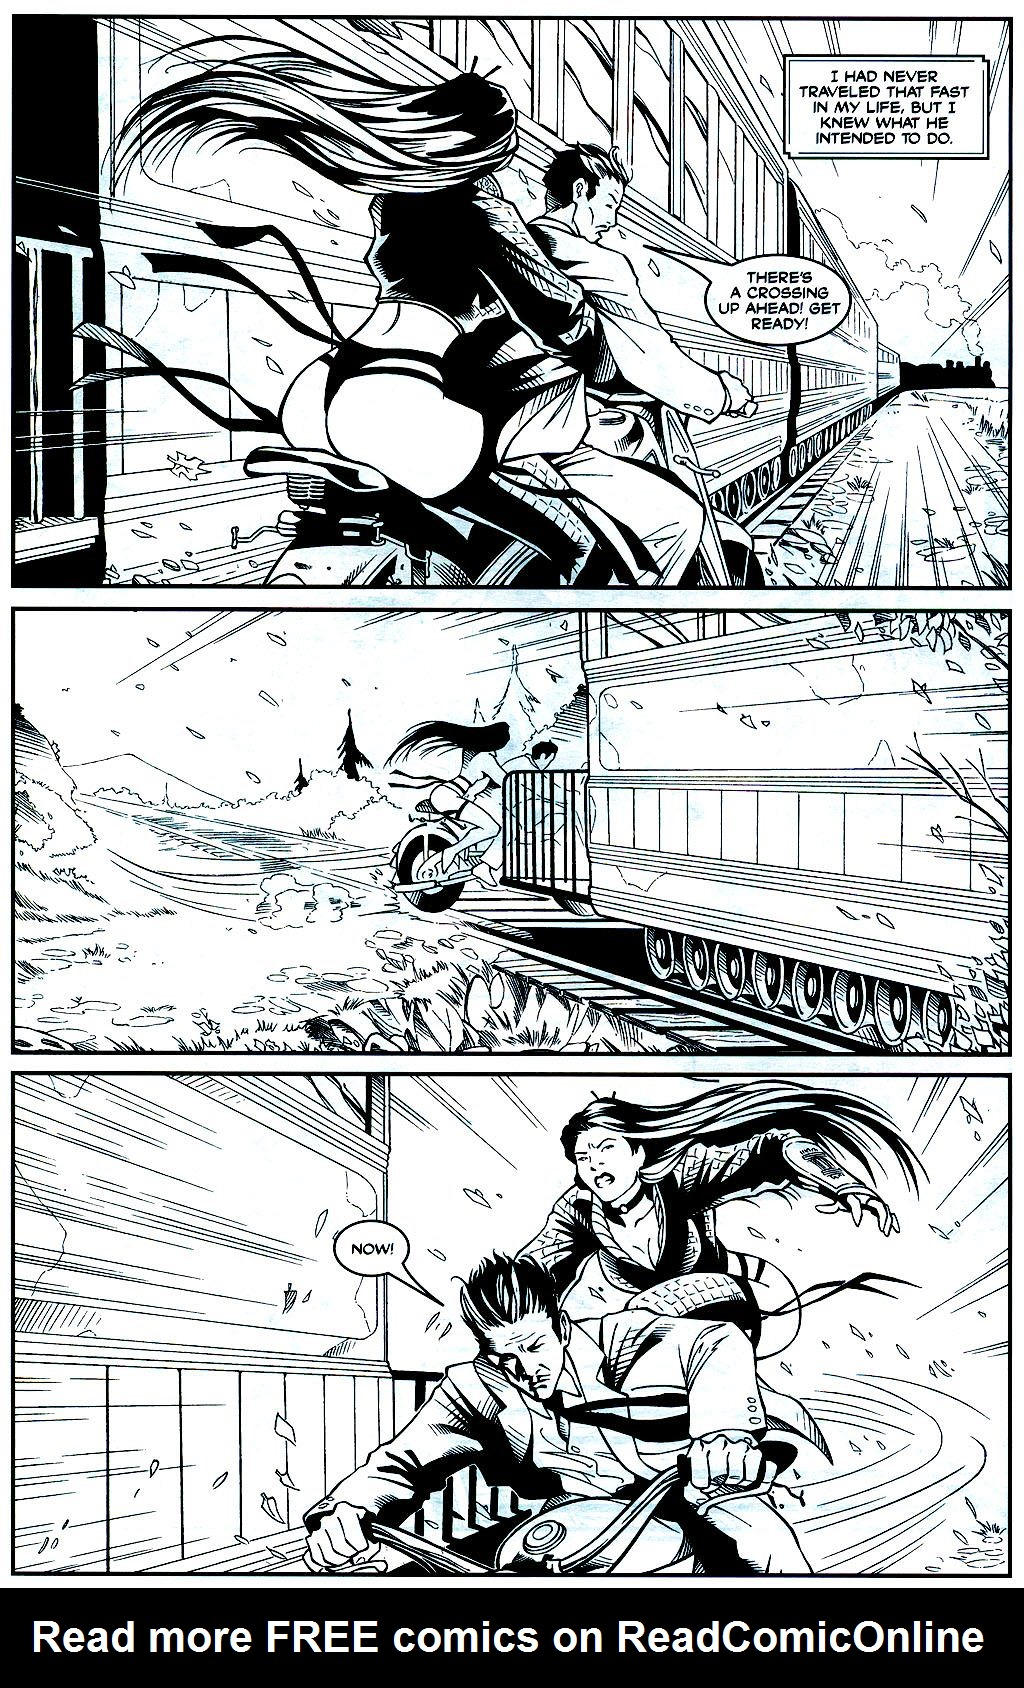 Read online Shi: Sempo comic -  Issue #1 - 15